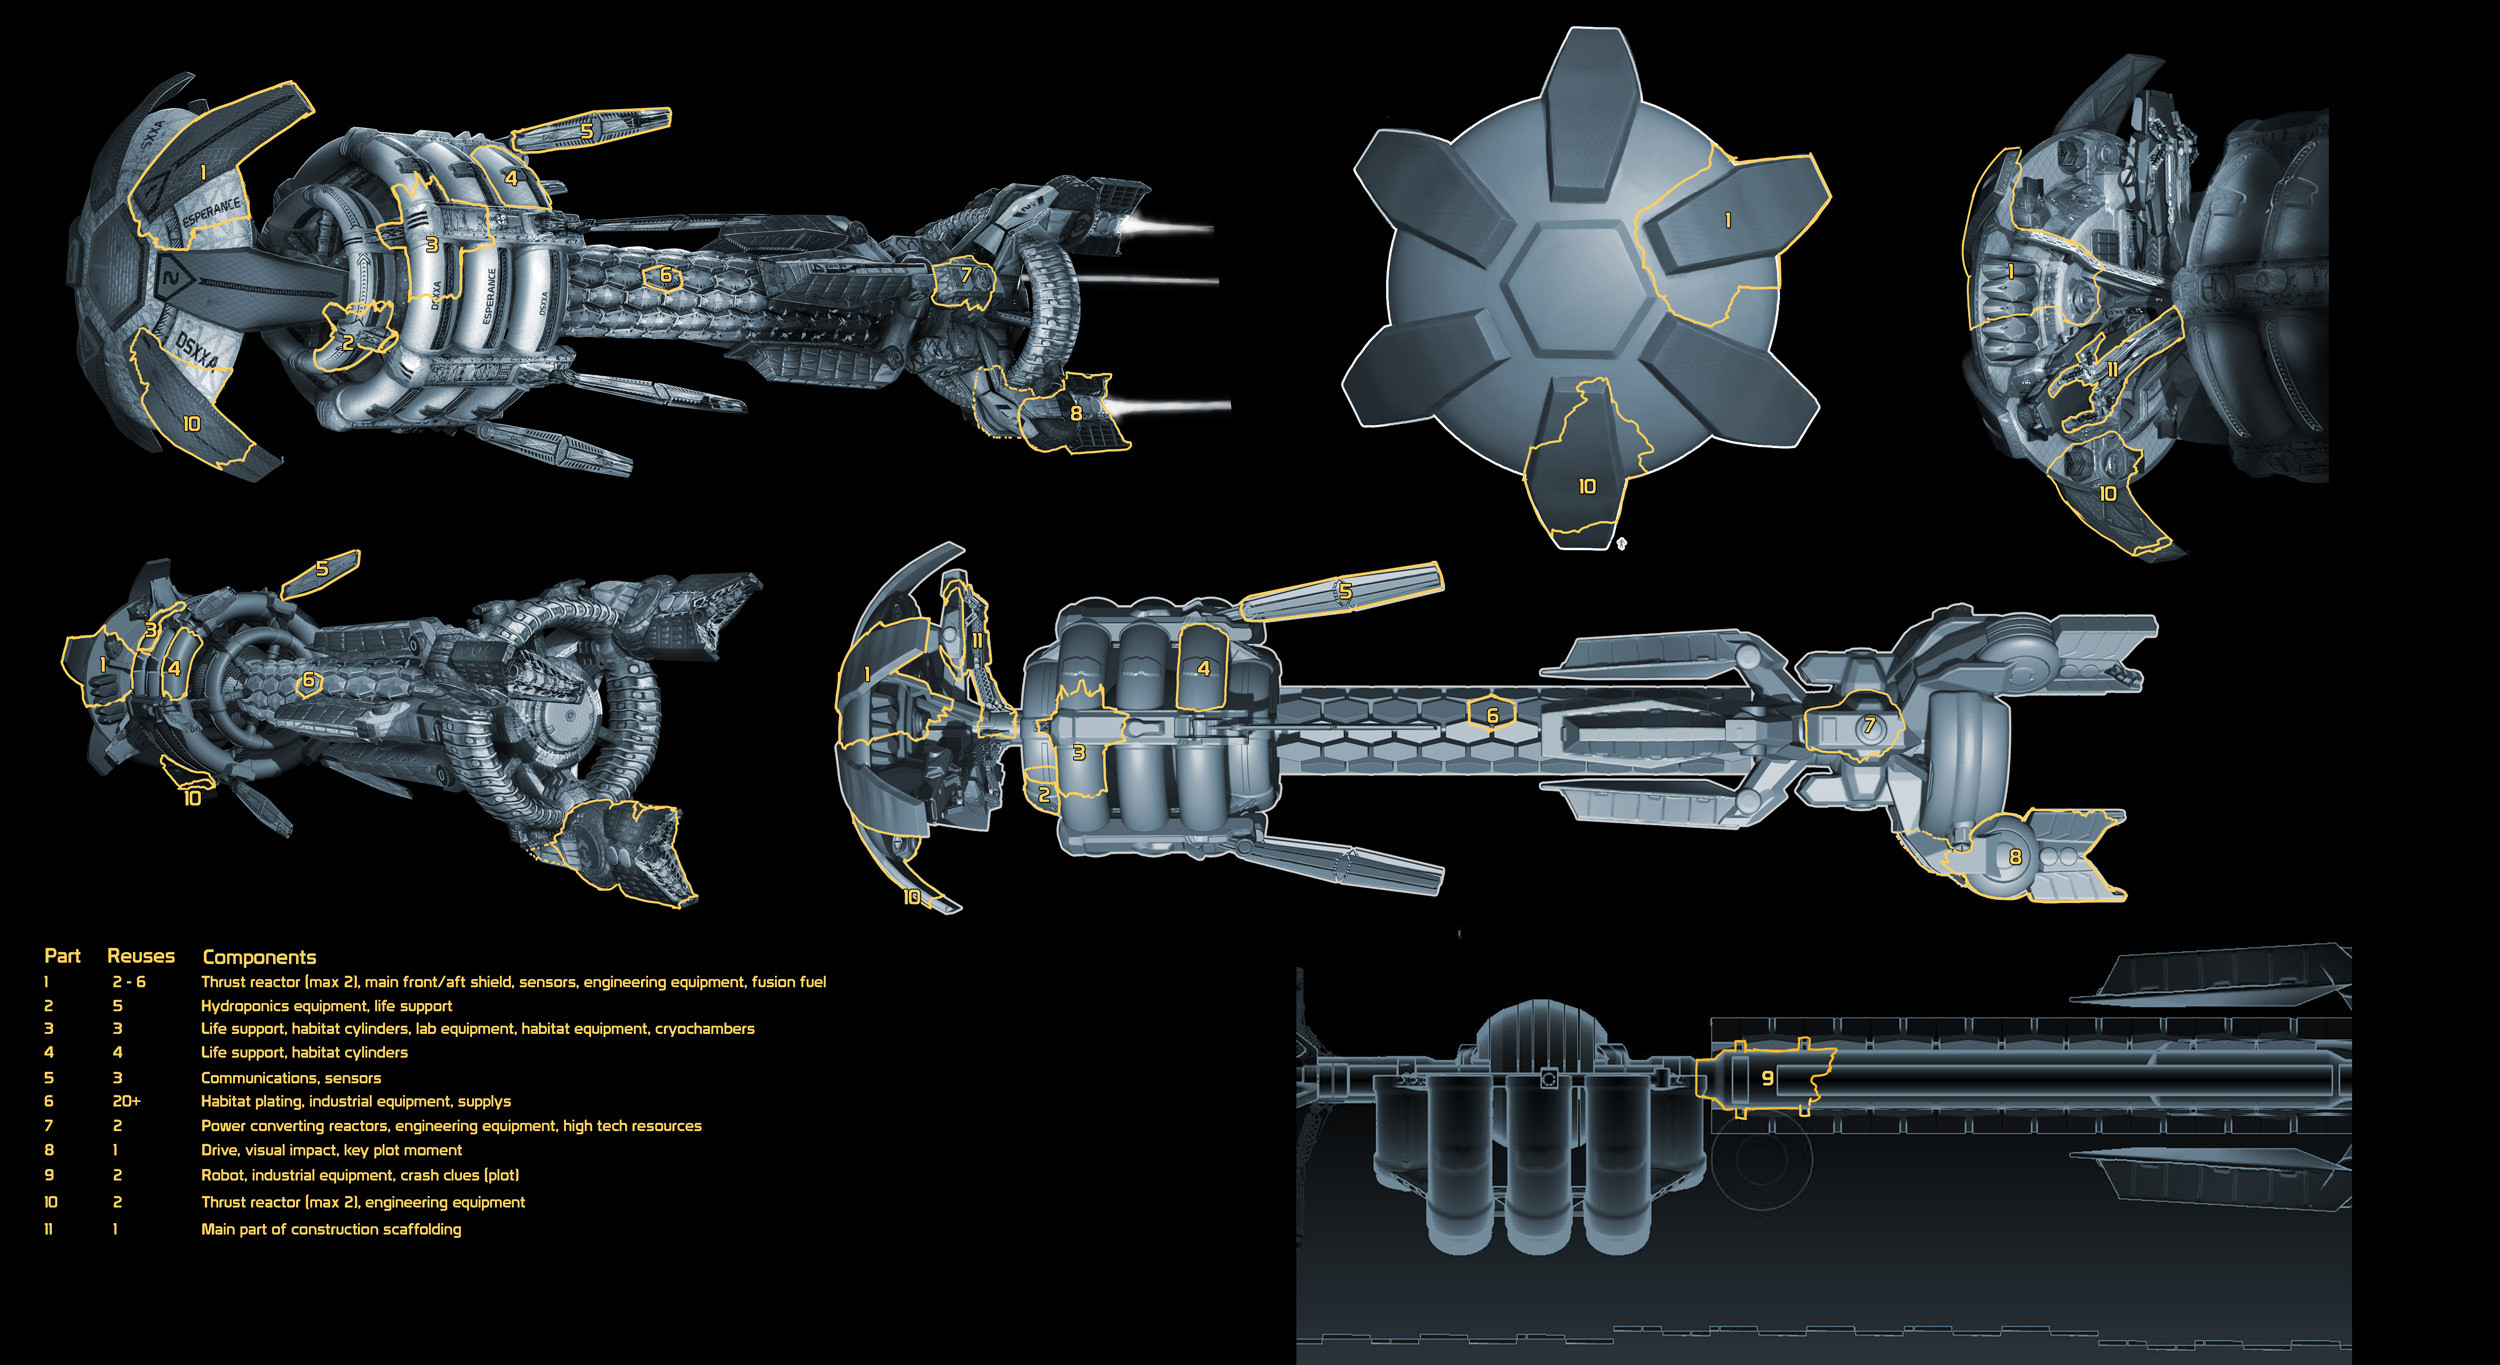 Grimm Odds - Spaceship wreckage breakup